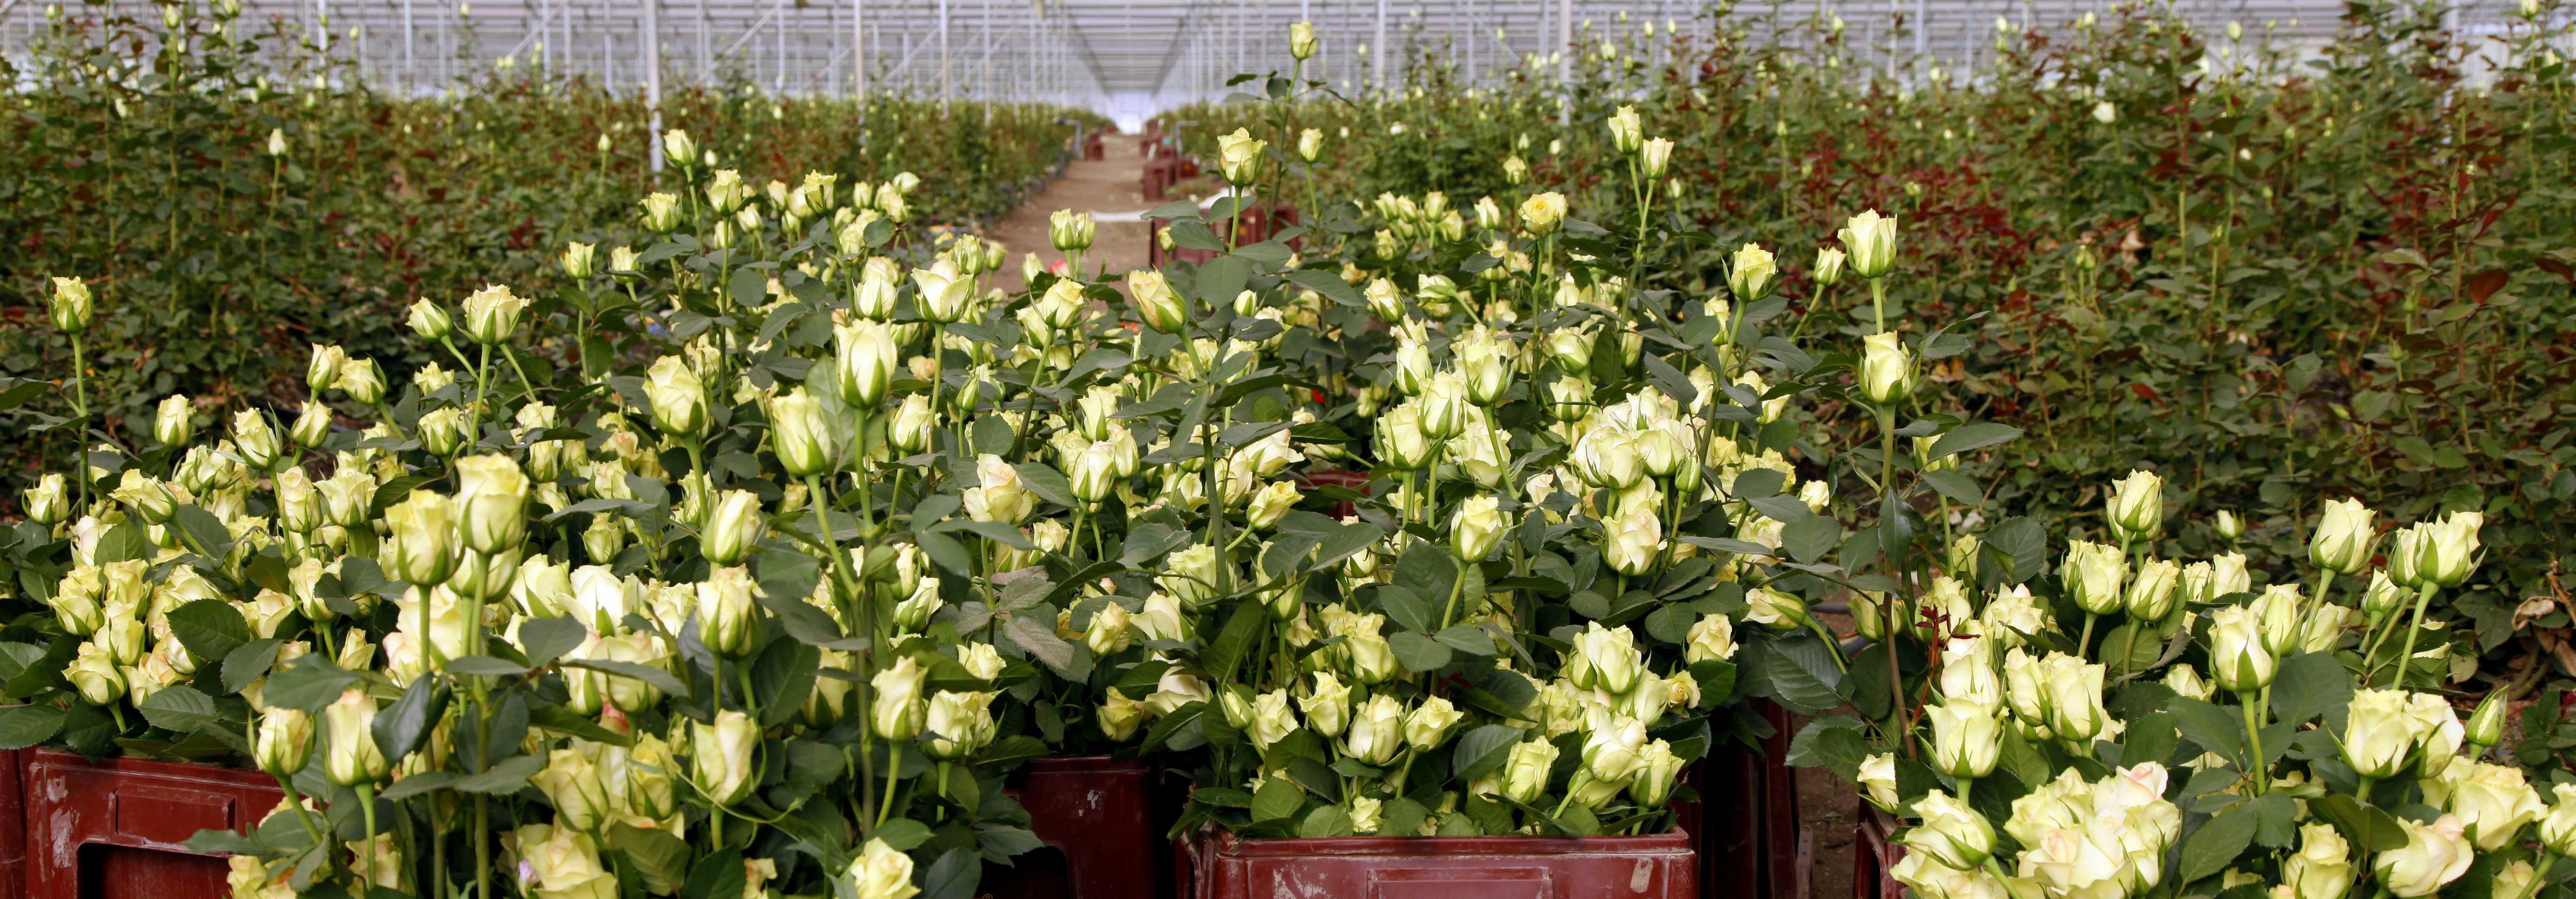 Linssen Roses in cijfers4